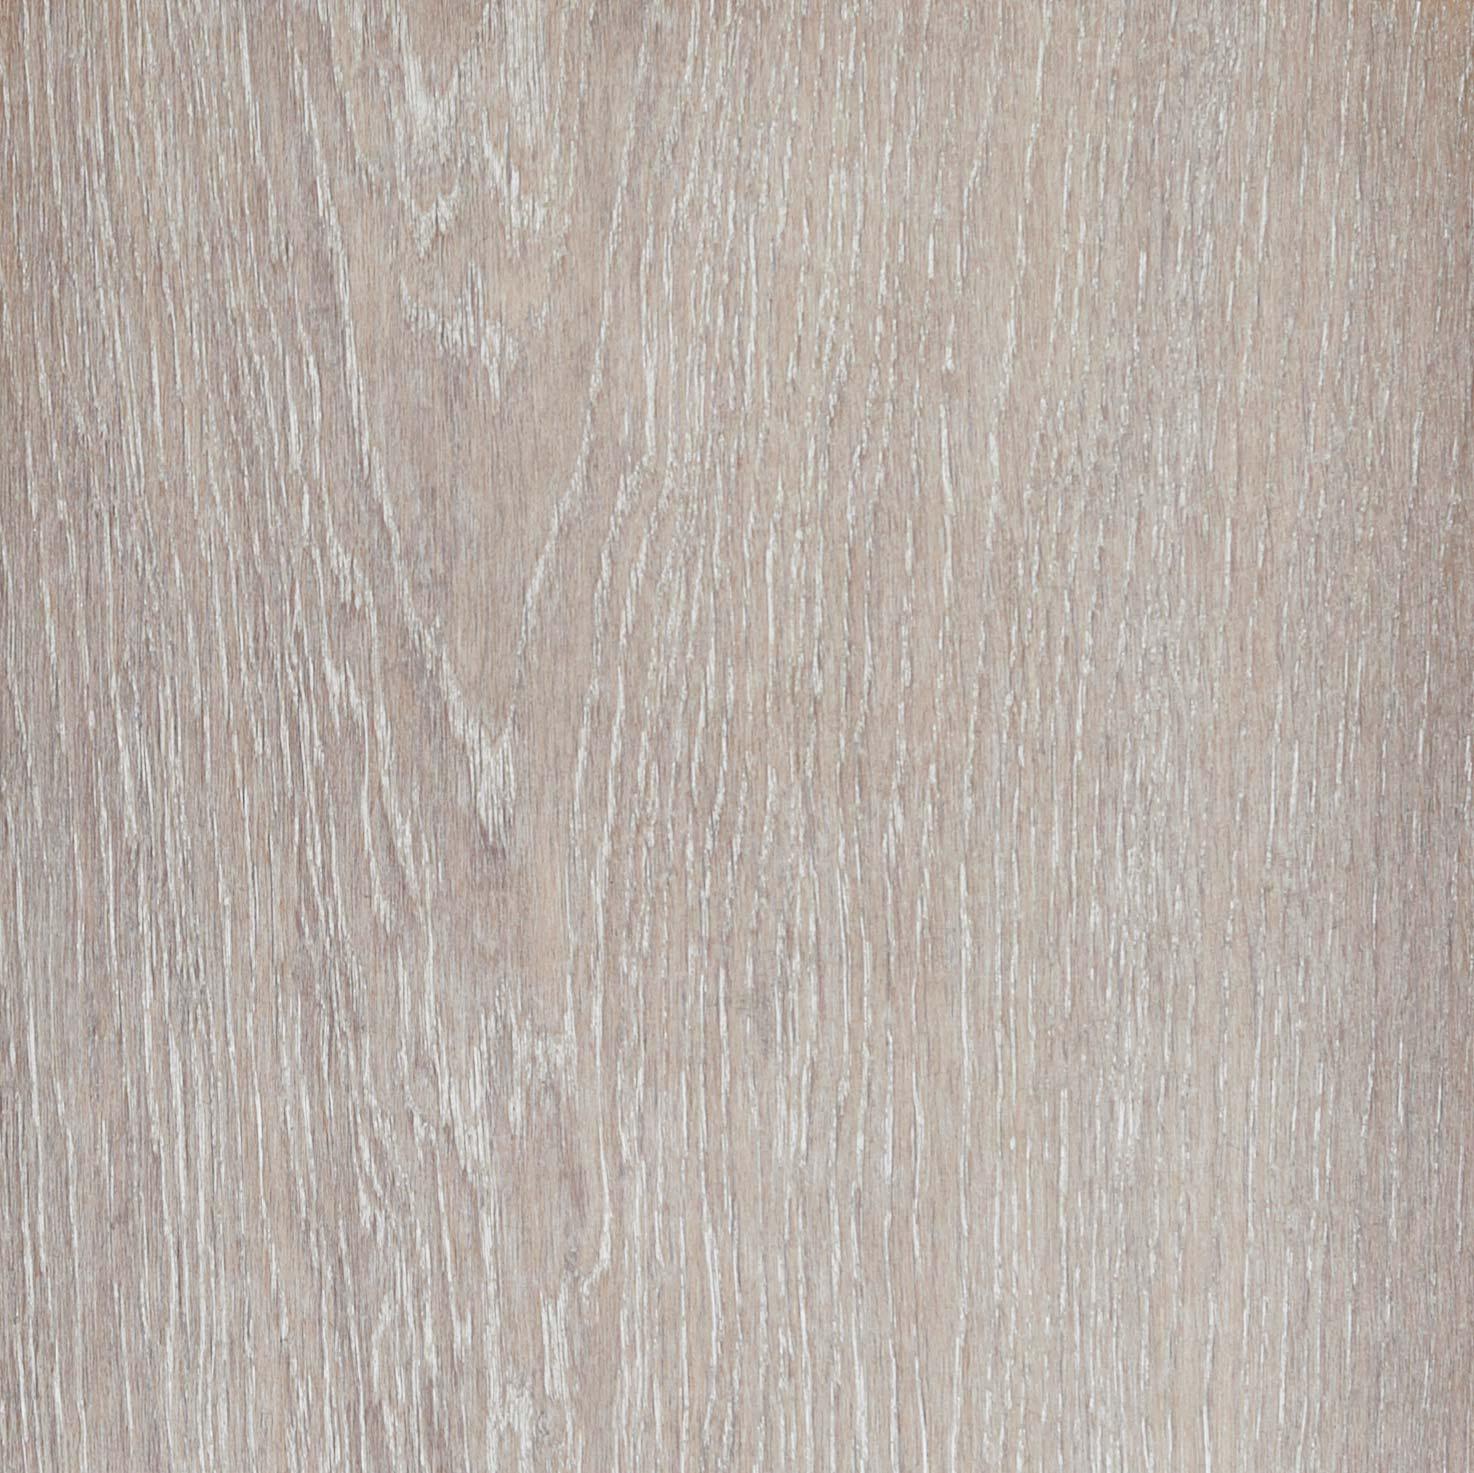 Element7-wide-plank-samples-OysterOak_3_AJ_883_020